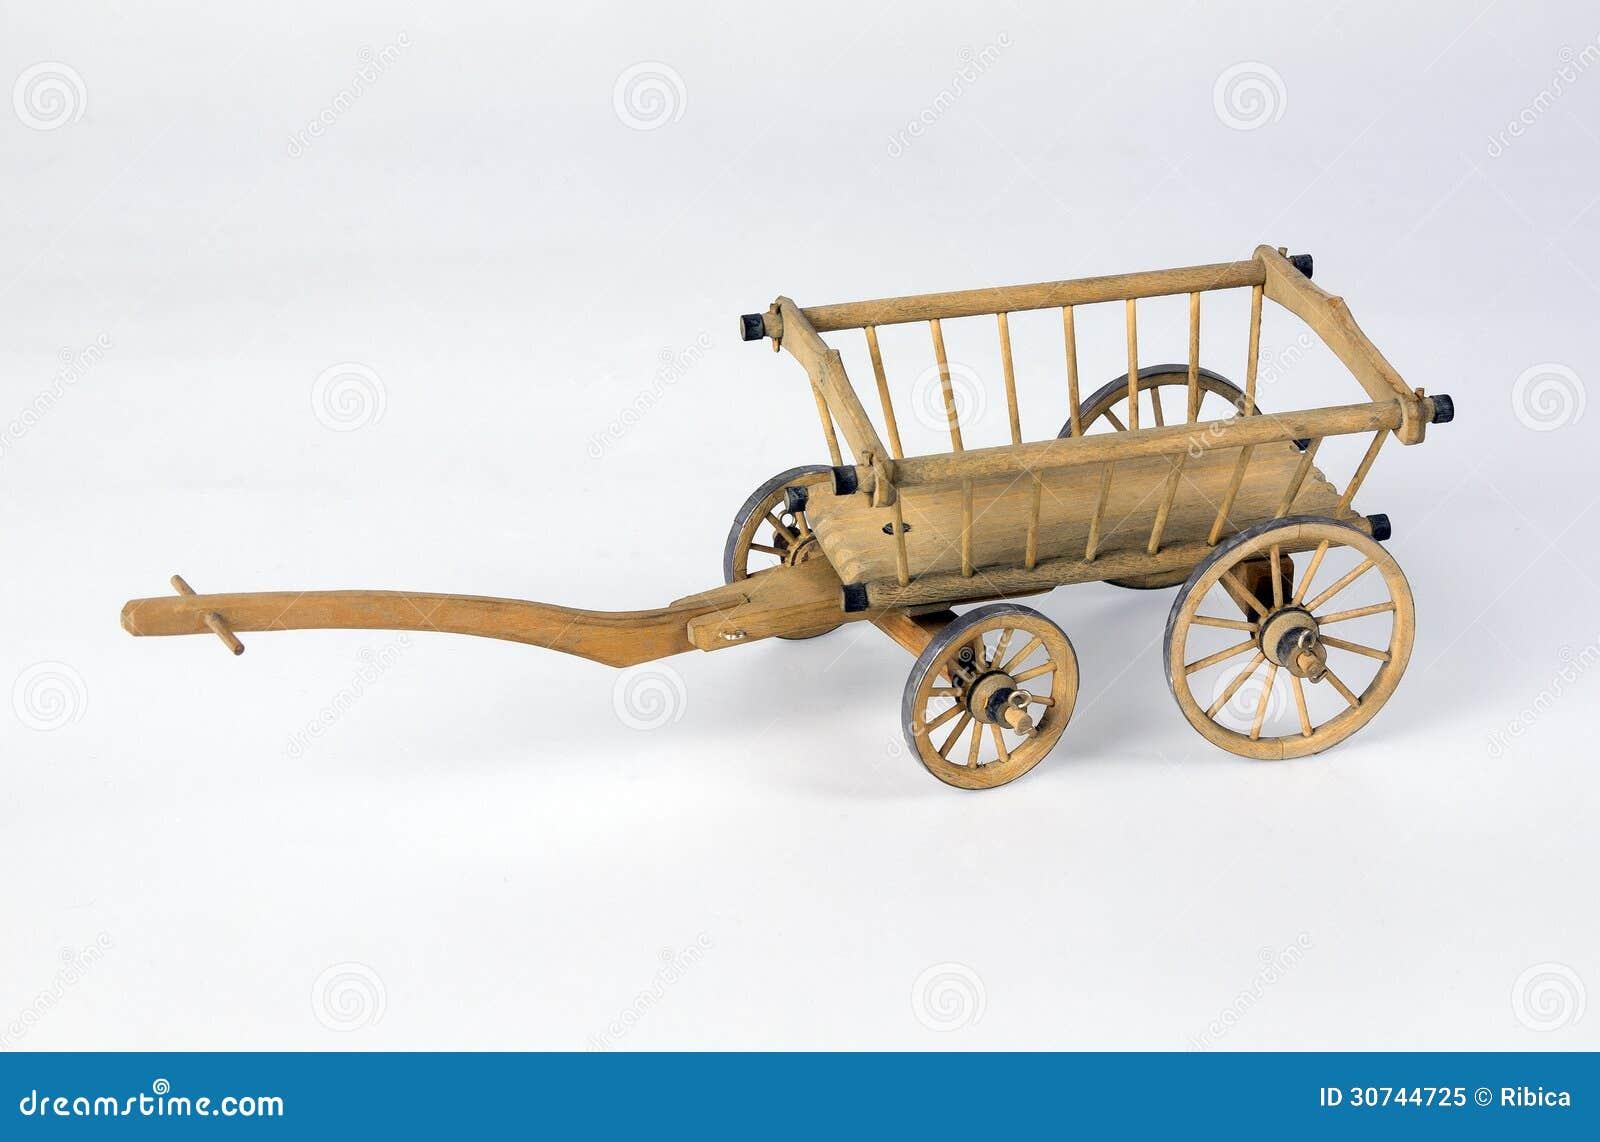 vieux chariot en bois photo libre de droits image 30744725. Black Bedroom Furniture Sets. Home Design Ideas